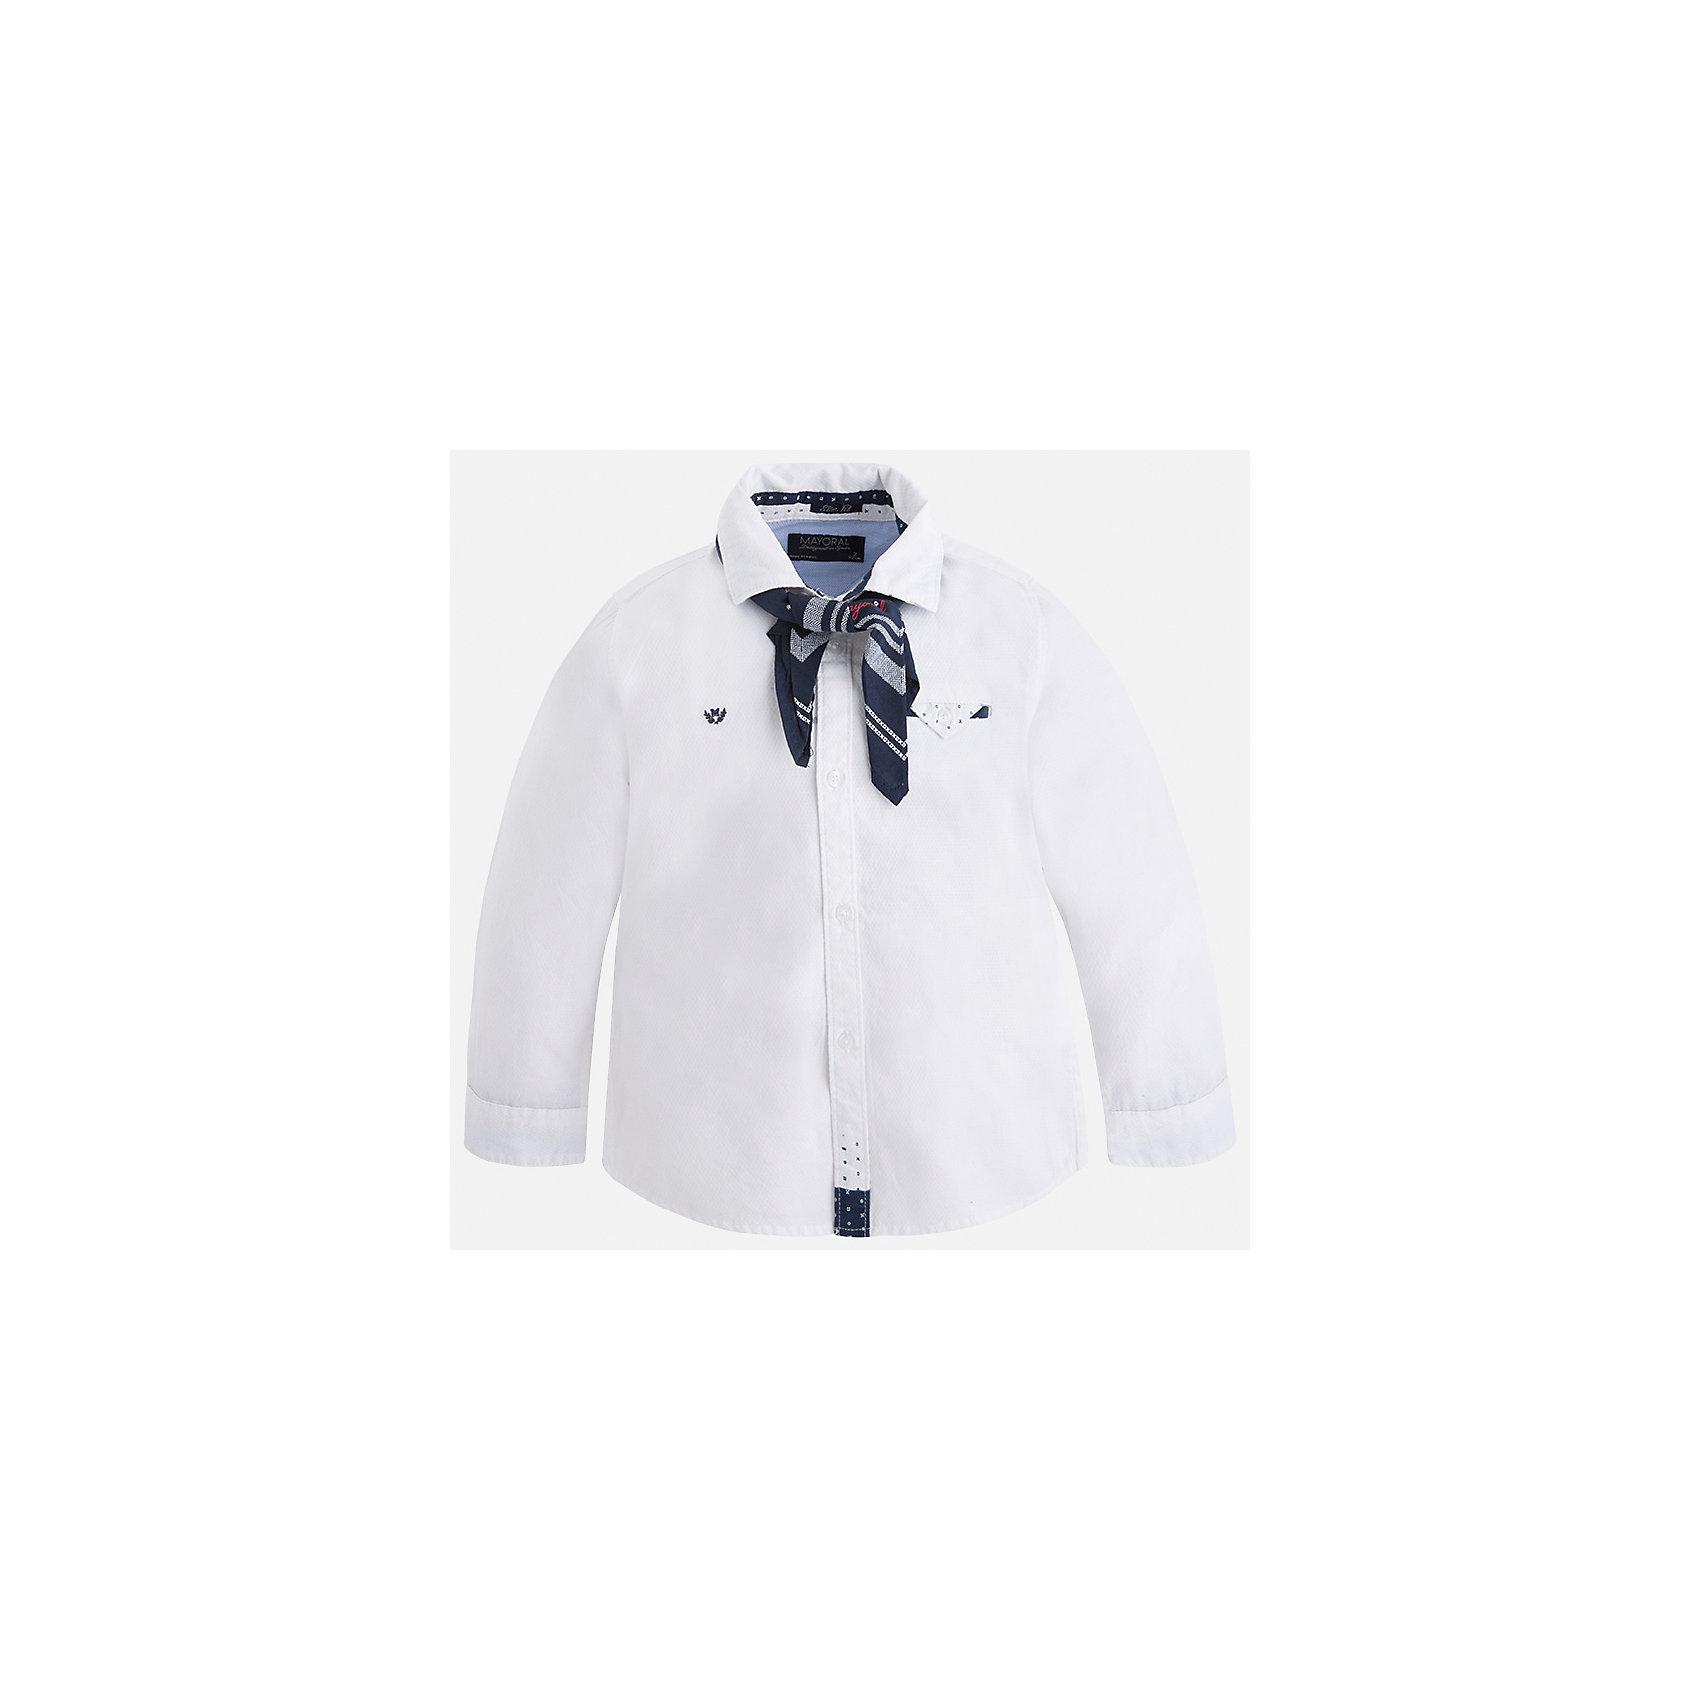 Рубашка Mayoral для мальчикаБлузки и рубашки<br>Характеристики товара:<br><br>• цвет: белый<br>• состав ткани: 100% хлопок<br>• сезон: демисезон<br>• особенности модели: школьная<br>• застежка: пуговицы<br>• длинные рукава<br>• страна бренда: Испания<br>• страна изготовитель: Индия<br><br>Хлопковая белая рубашка с длинным рукавом для мальчика от Майорал поможет обеспечить ребенку комфорт. Детская рубашка отличается стильным и продуманным дизайном. В рубашке для мальчика от испанской компании Майорал ребенок будет выглядеть модно, а чувствовать себя - комфортно. <br><br>Рубашку для мальчика Mayoral (Майорал) можно купить в нашем интернет-магазине.<br><br>Ширина мм: 174<br>Глубина мм: 10<br>Высота мм: 169<br>Вес г: 157<br>Цвет: белый<br>Возраст от месяцев: 96<br>Возраст до месяцев: 108<br>Пол: Мужской<br>Возраст: Детский<br>Размер: 104,110,116,122,128,134,92,98<br>SKU: 6934012